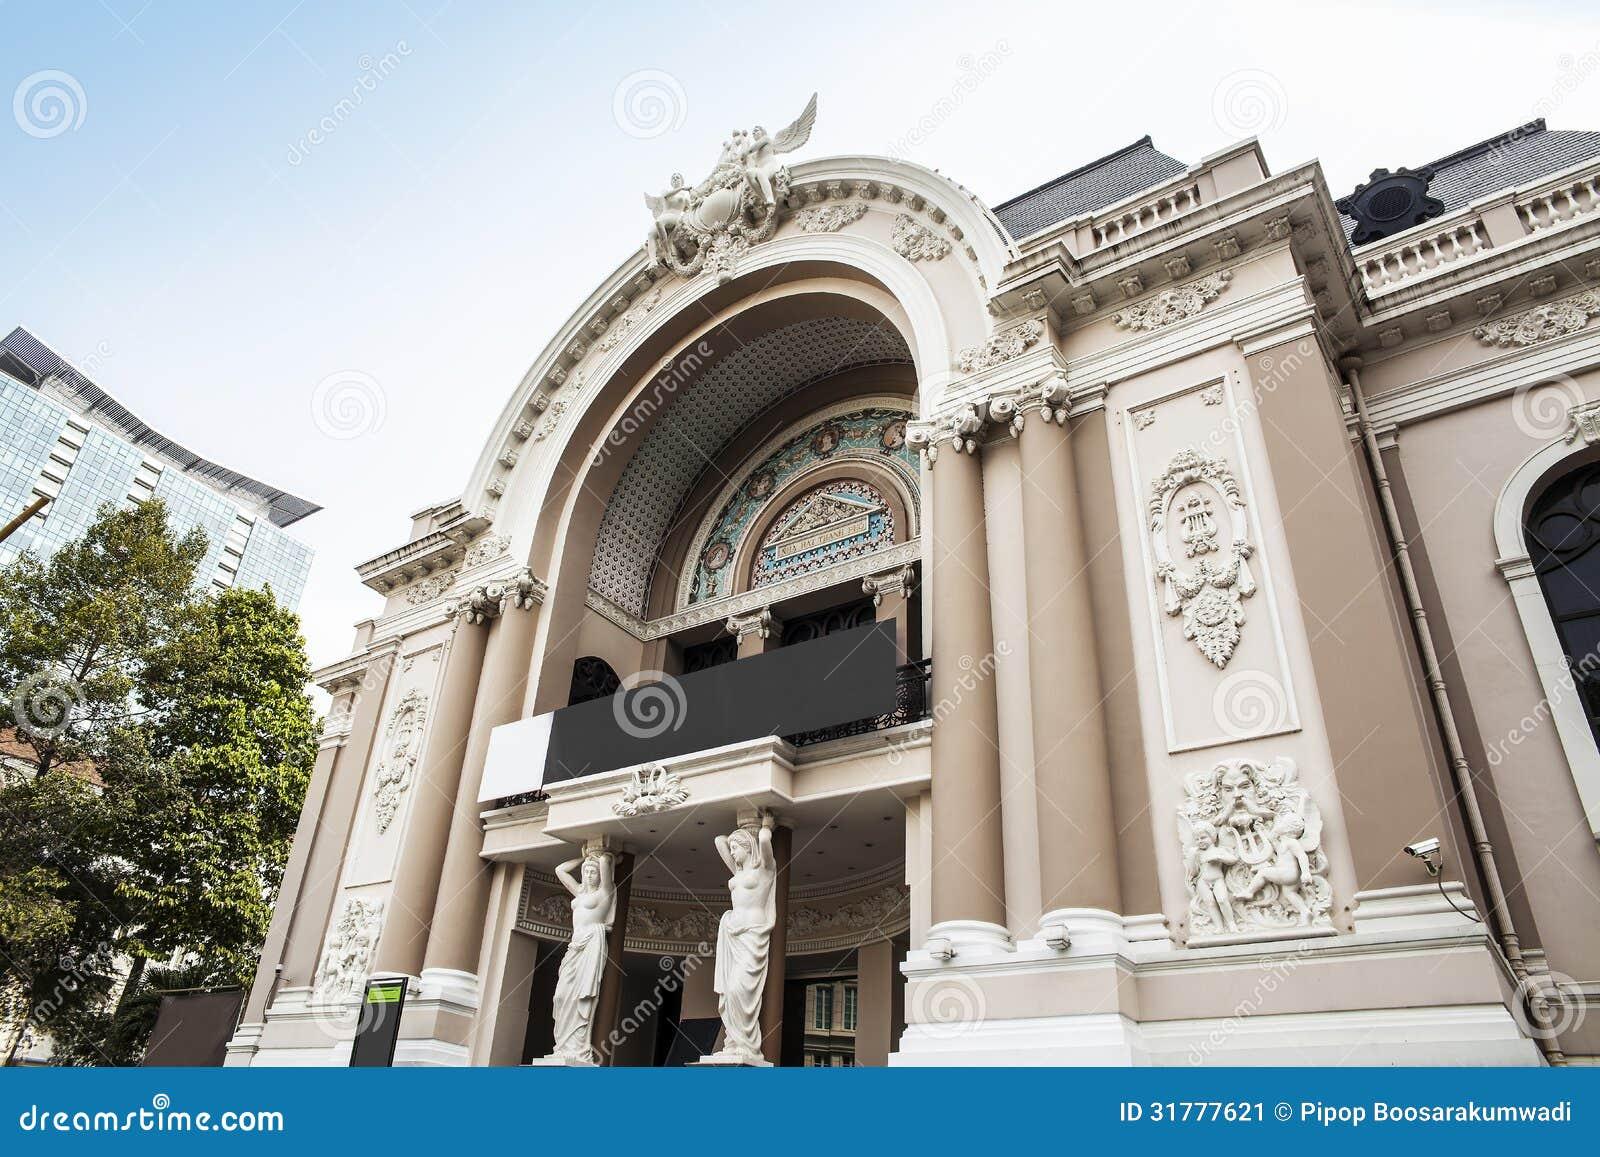 saigon opera house or municipal theatre of ho chi minh